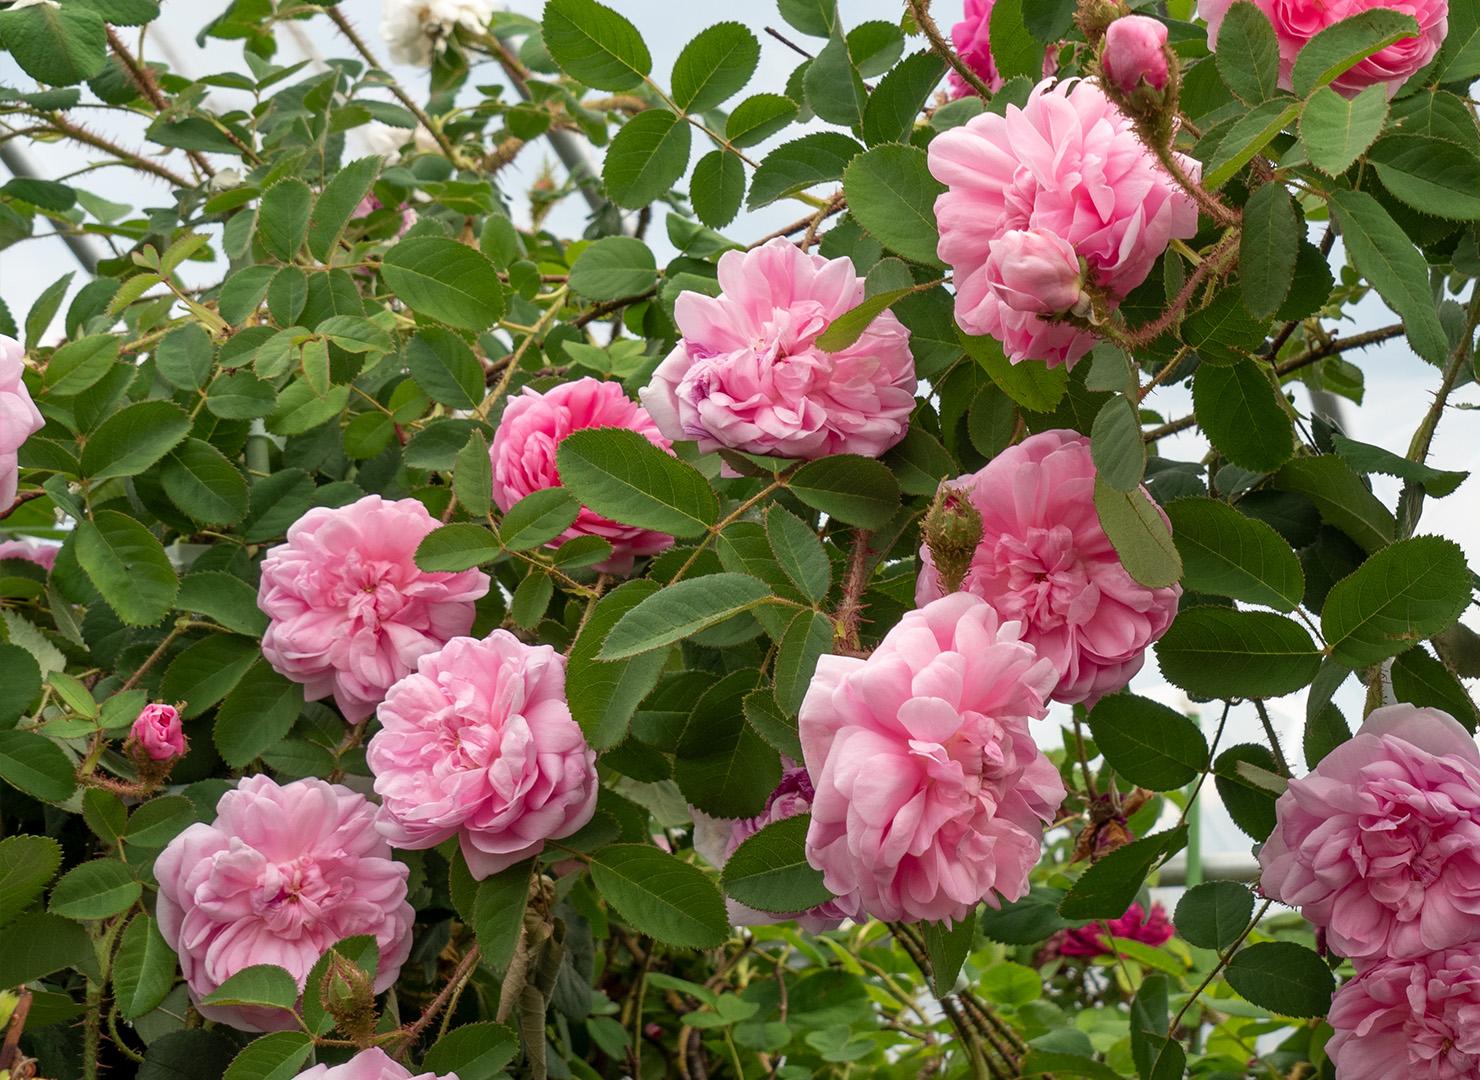 ロサ ケンティフォリア ムスコーサ - Rose centifolia muscosa